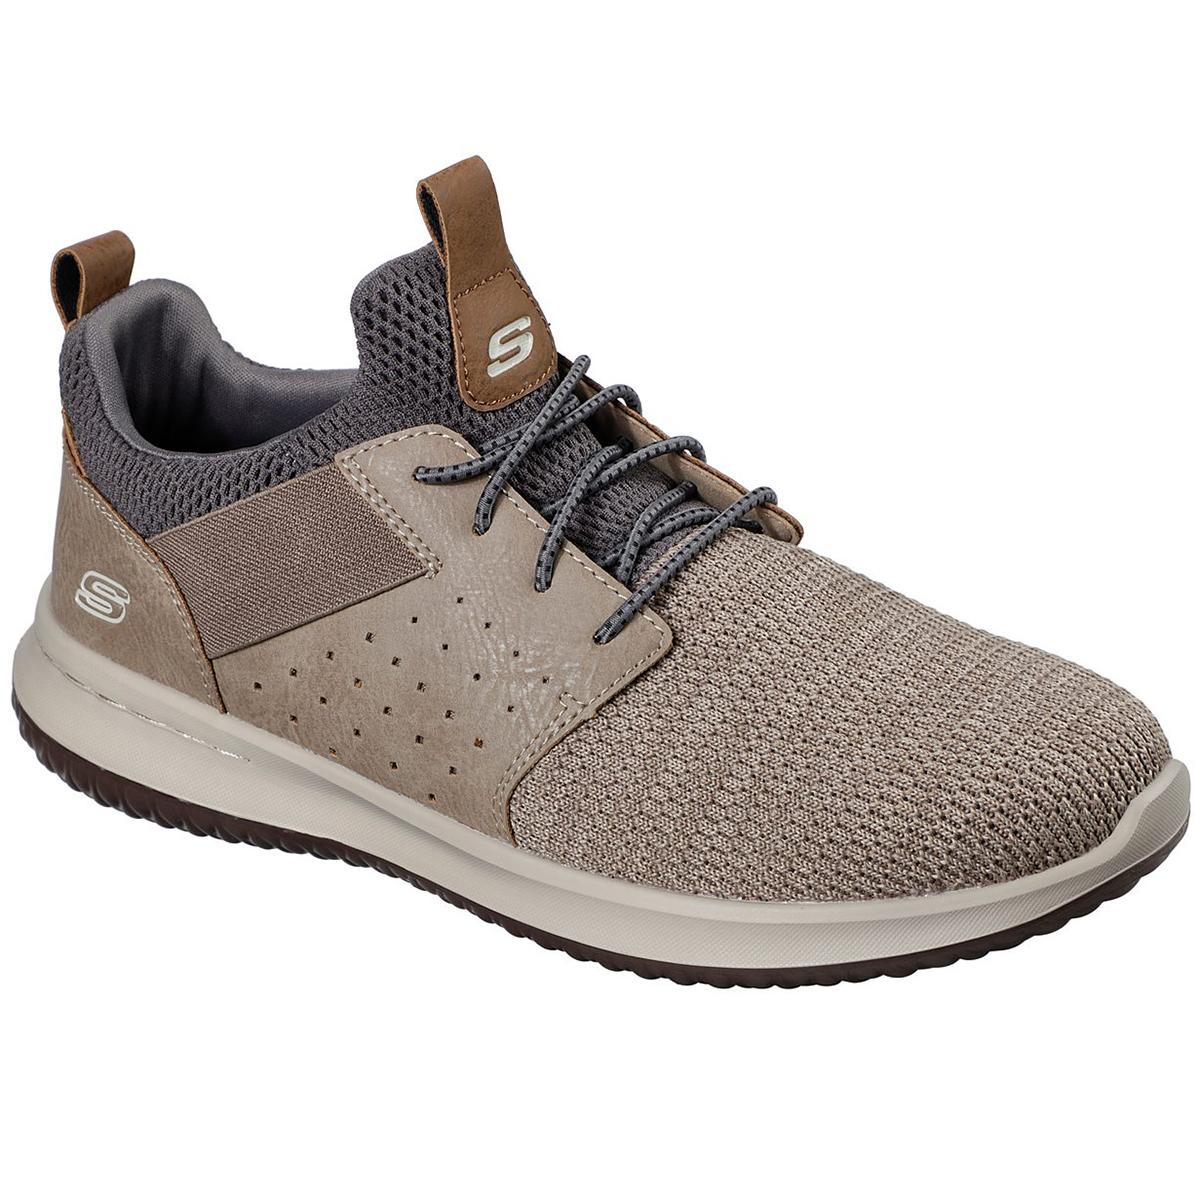 Skechers Men's Delson - Camben Sneakers - Brown, 9